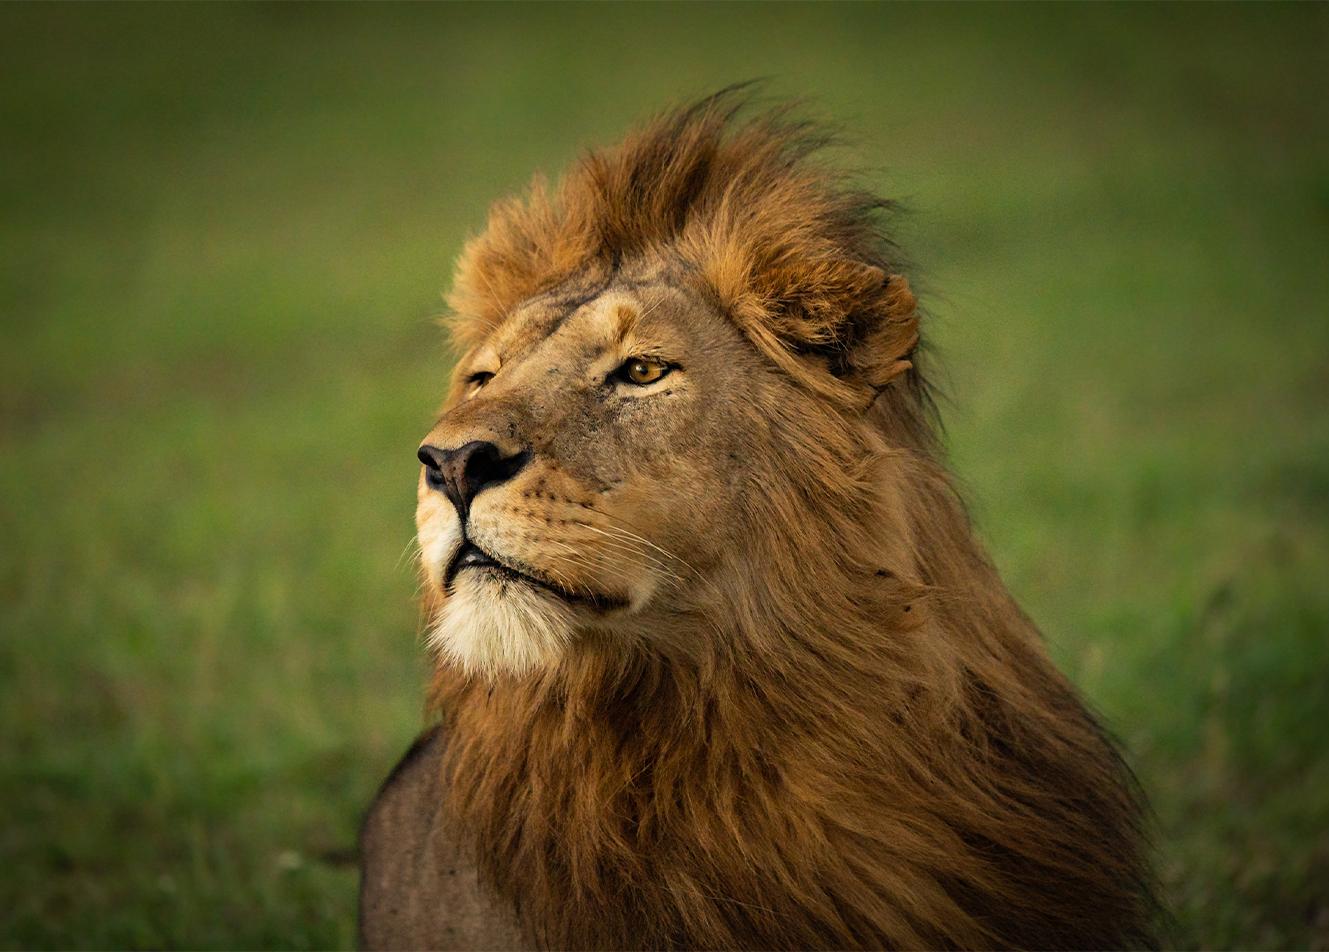 Lion_noframe